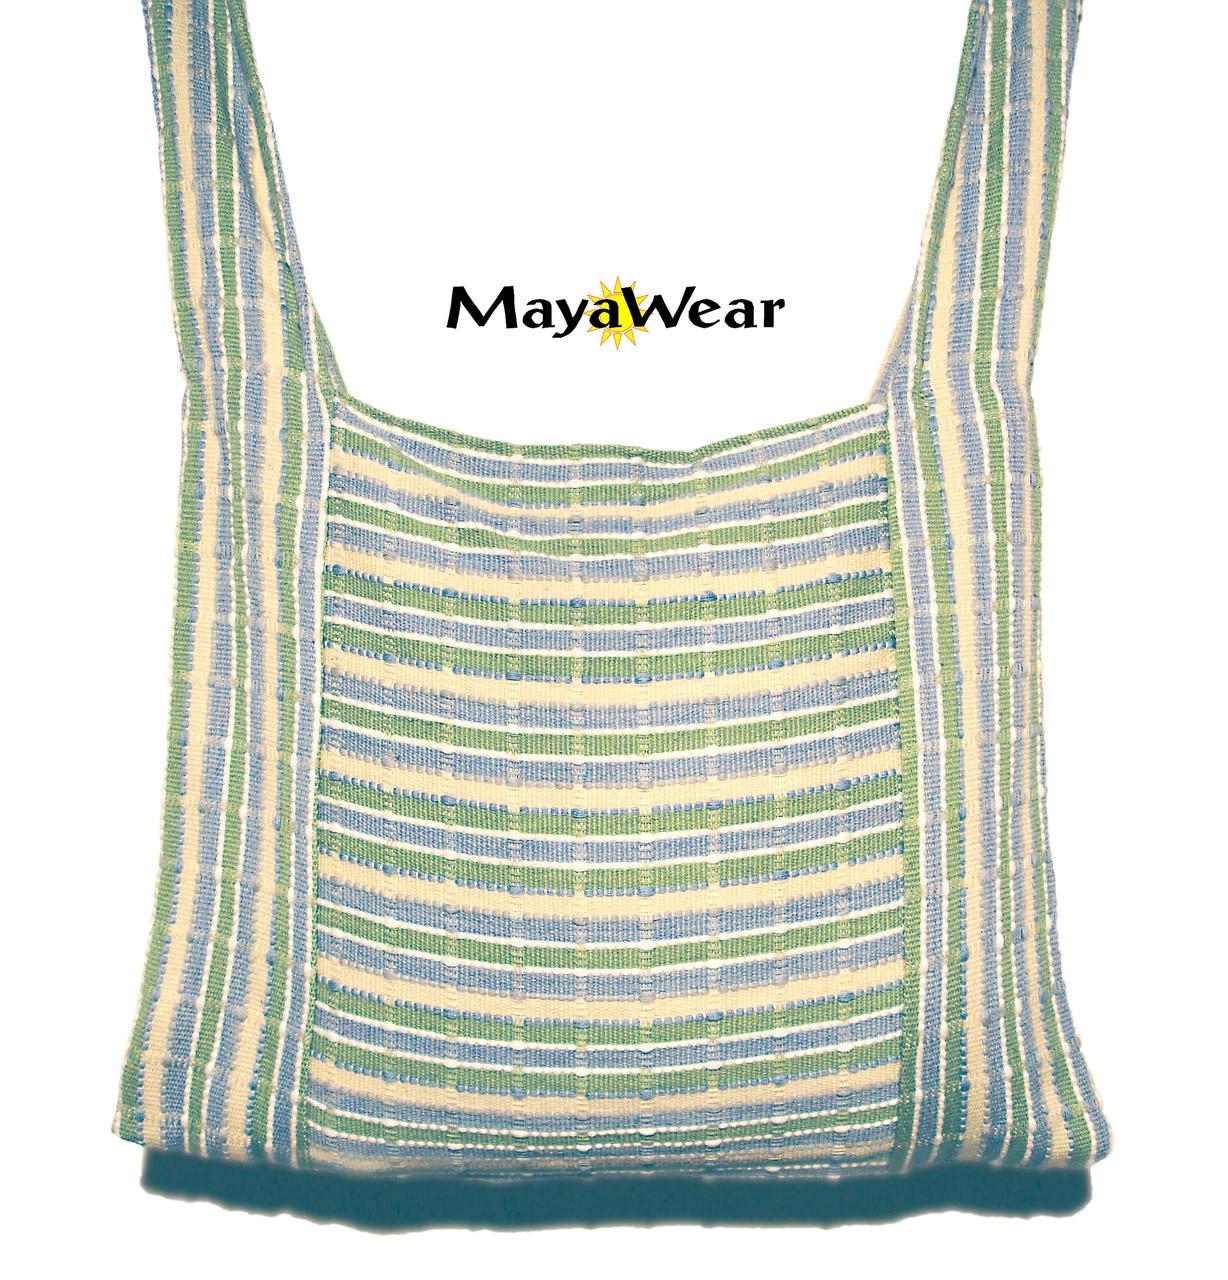 Woven Purse Messenger Book/ Shoulder Bag https://www.mayawear.com